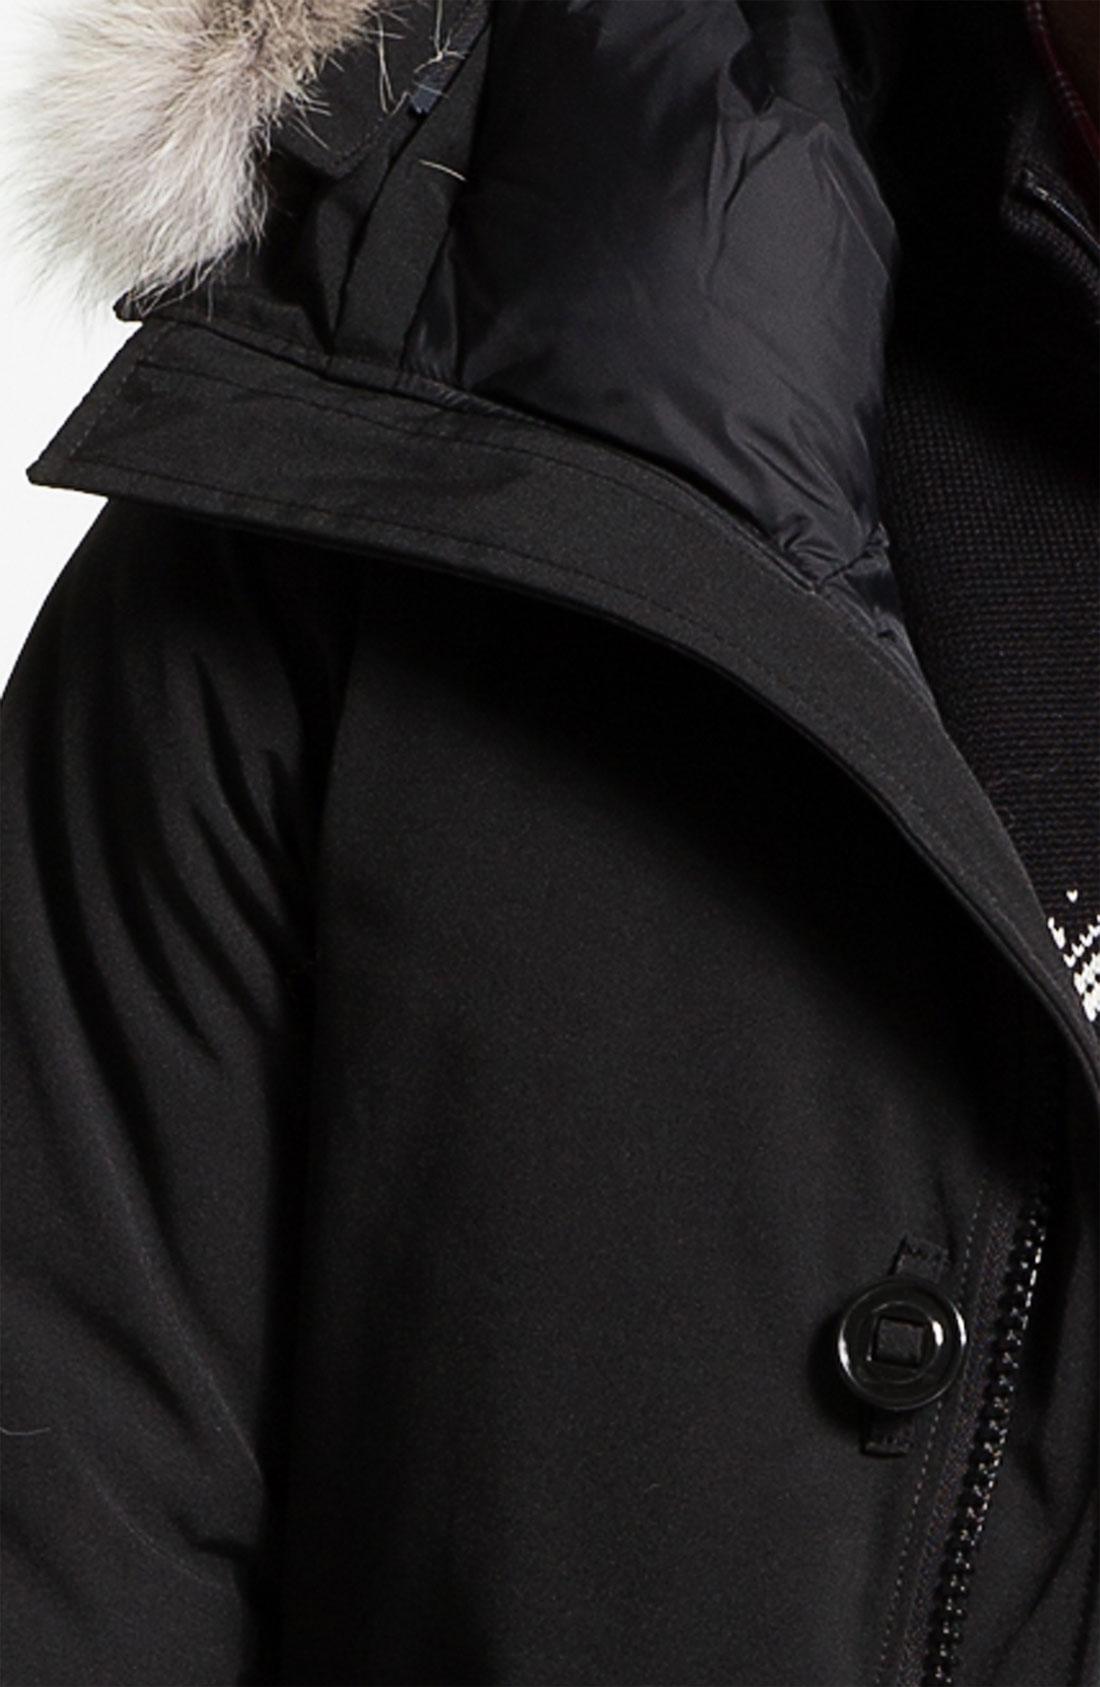 Canada Goose trillium parka online price - Canada goose 'chateau' Slim Fit Genuine Coyote Fur Trim Jacket in ...